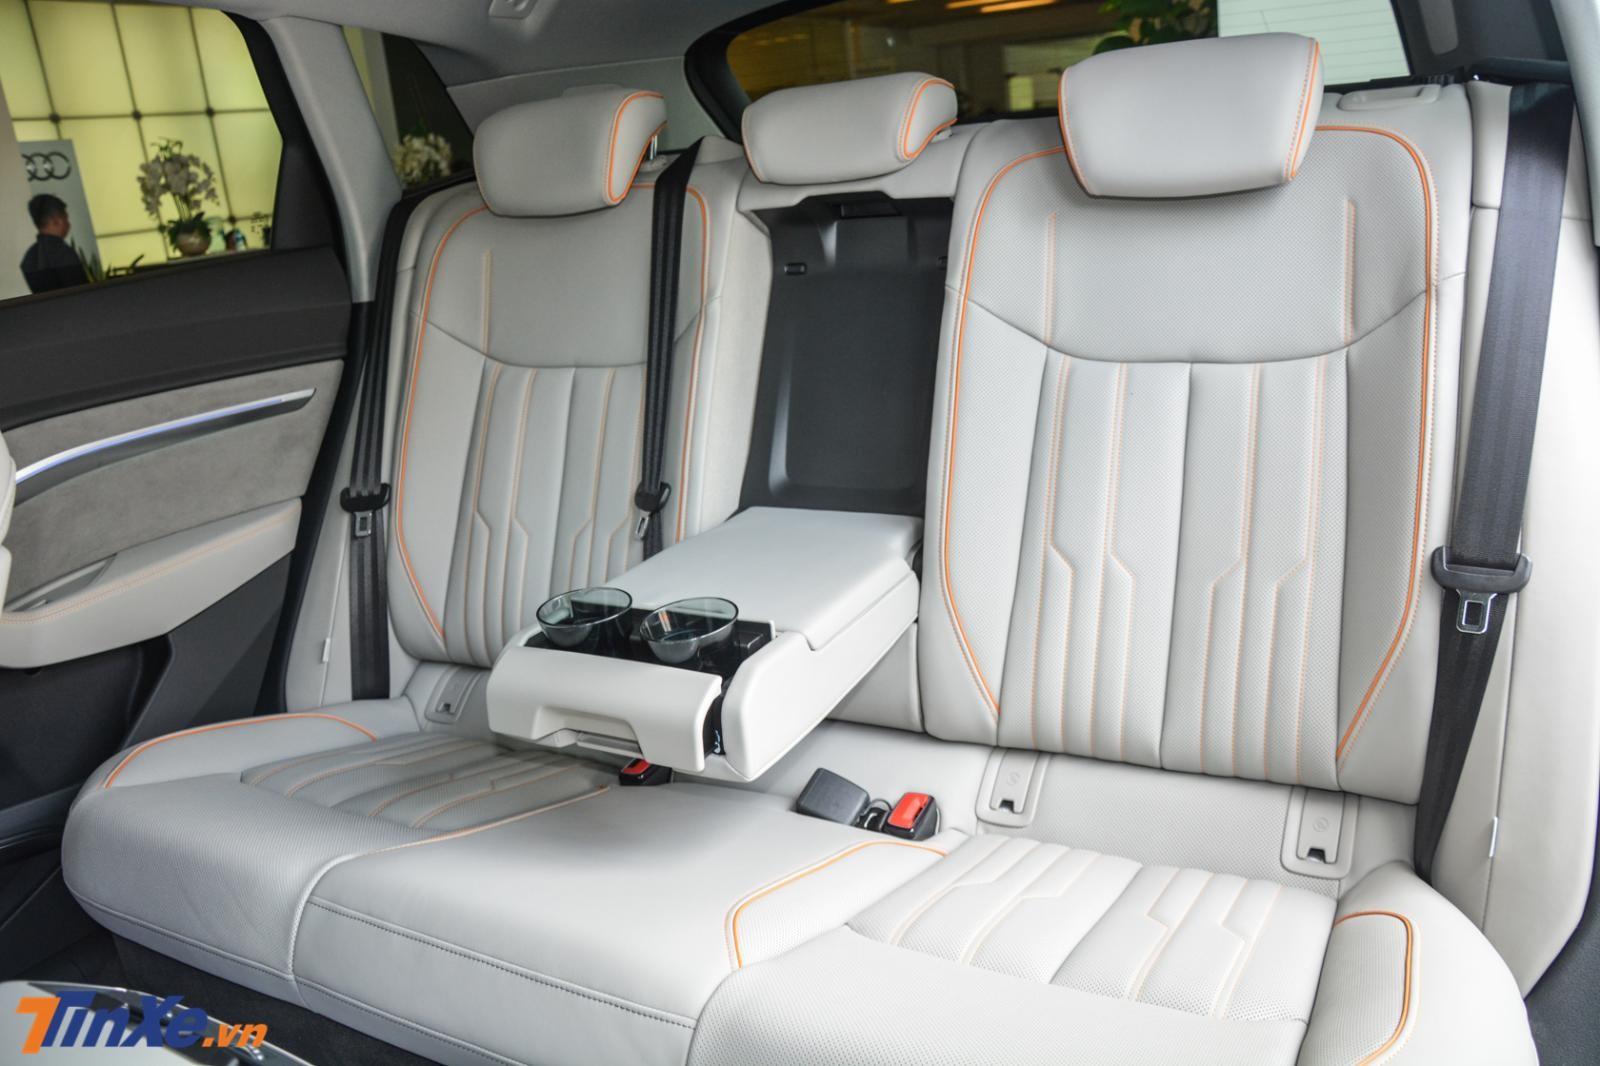 Cận cảnh hàng ghế sau của Audi e-tron 2019